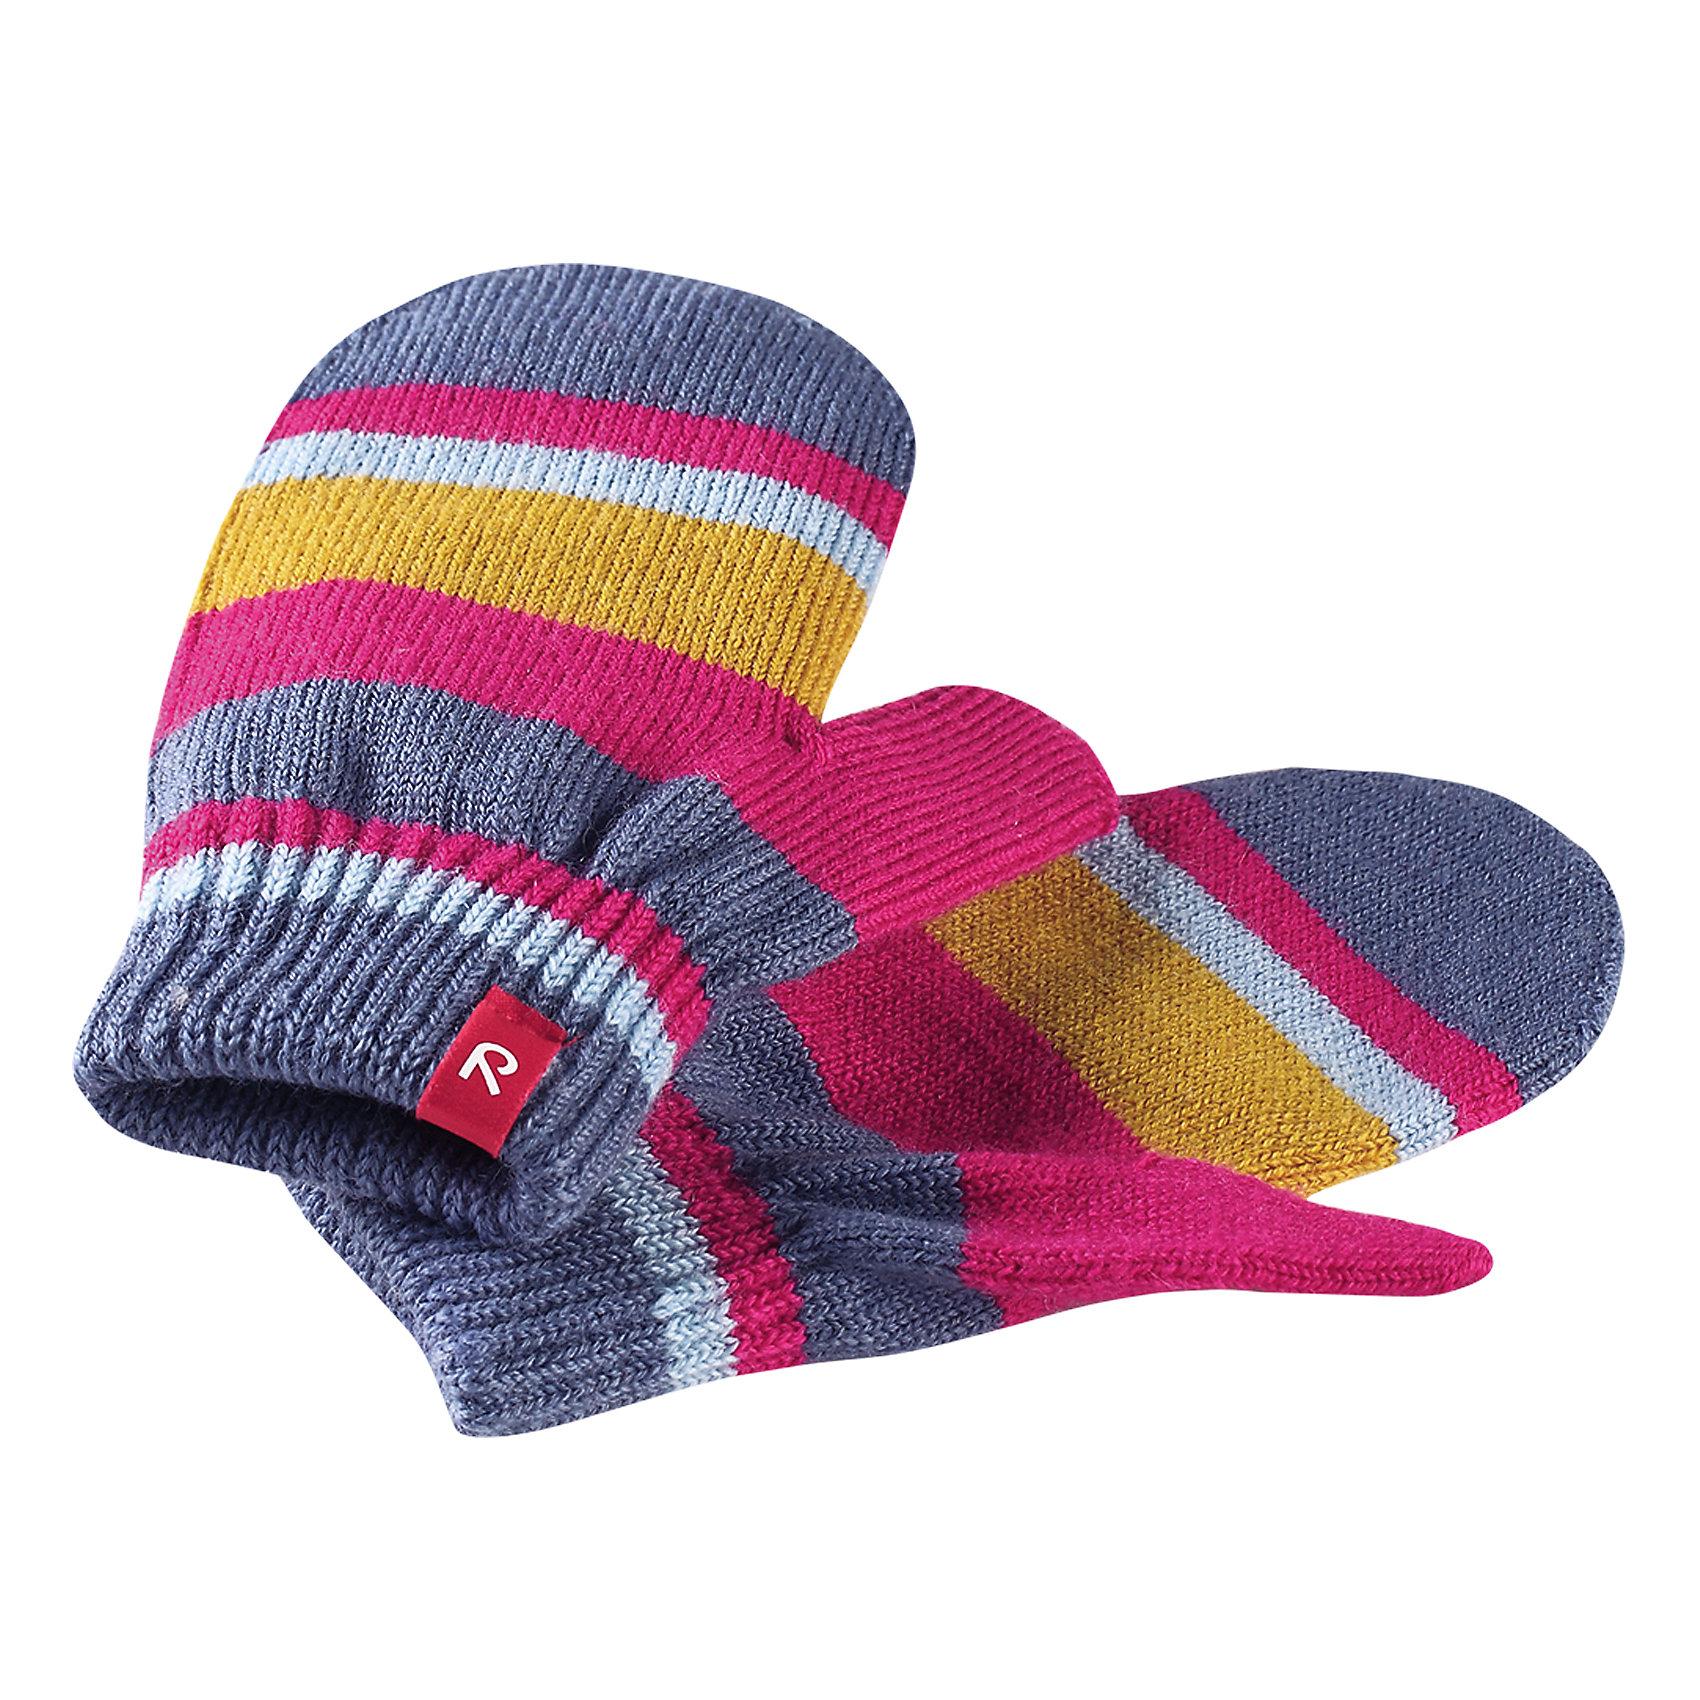 Варежки Reima StigПерчатки, варежки<br>Характеристики товара:<br><br>• цвет: синий/розовый;<br>• состав: 75% шерсть, 22% полиакрил, 2% полиамид, 1% эластан;<br>• сезон: демисезон, зима;<br>• шерсть идеально поддерживает температуру;<br>• мягкая и теплая ткань из смеси шерсти;<br>• легкий стиль, без подкладки;<br>• страна бренда: Финляндия;<br>• страна изготовитель: Китай.<br><br>Вязаные варежки выполнены из эластичной полушерсти, дарящей комфорт в прохладные дни ранней осенью. Они идеально подойдут для поддевания под водонепроницаемые варежки и перчатки. Изготовлены из трикотажа высокого качества и легко стираются в стиральной машине. <br><br>Носки Savo Reima от финского бренда Reima (Рейма) можно купить в нашем интернет-магазине.<br><br>Ширина мм: 162<br>Глубина мм: 171<br>Высота мм: 55<br>Вес г: 119<br>Цвет: розовый<br>Возраст от месяцев: 72<br>Возраст до месяцев: 96<br>Пол: Унисекс<br>Возраст: Детский<br>Размер: 5/6,1/2,3/4<br>SKU: 6902087